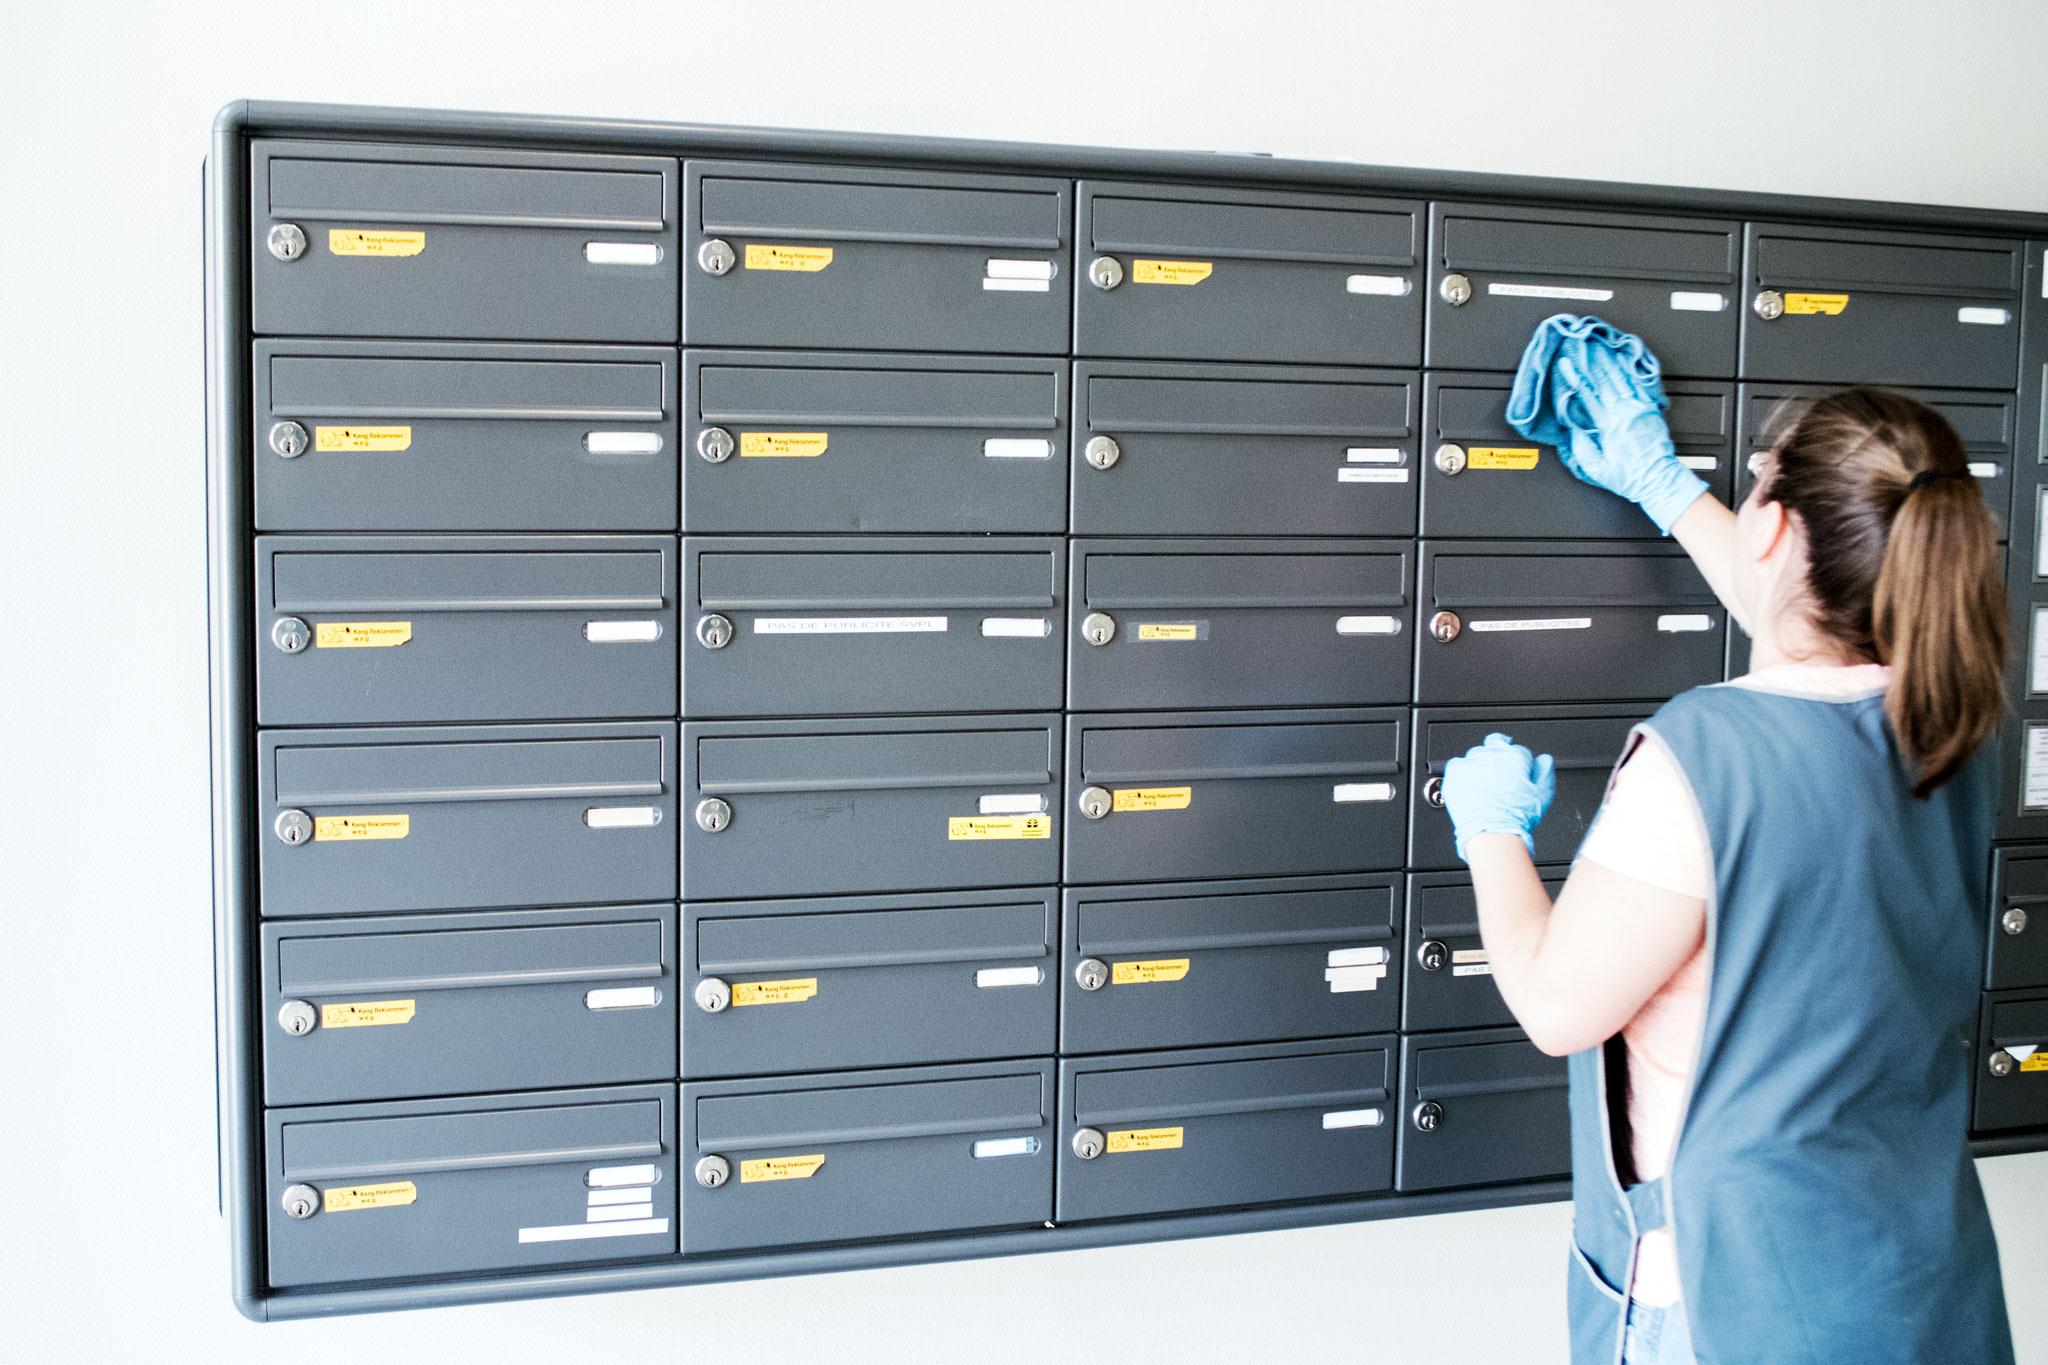 Agent de maintenance - Nettoyage de bureaux